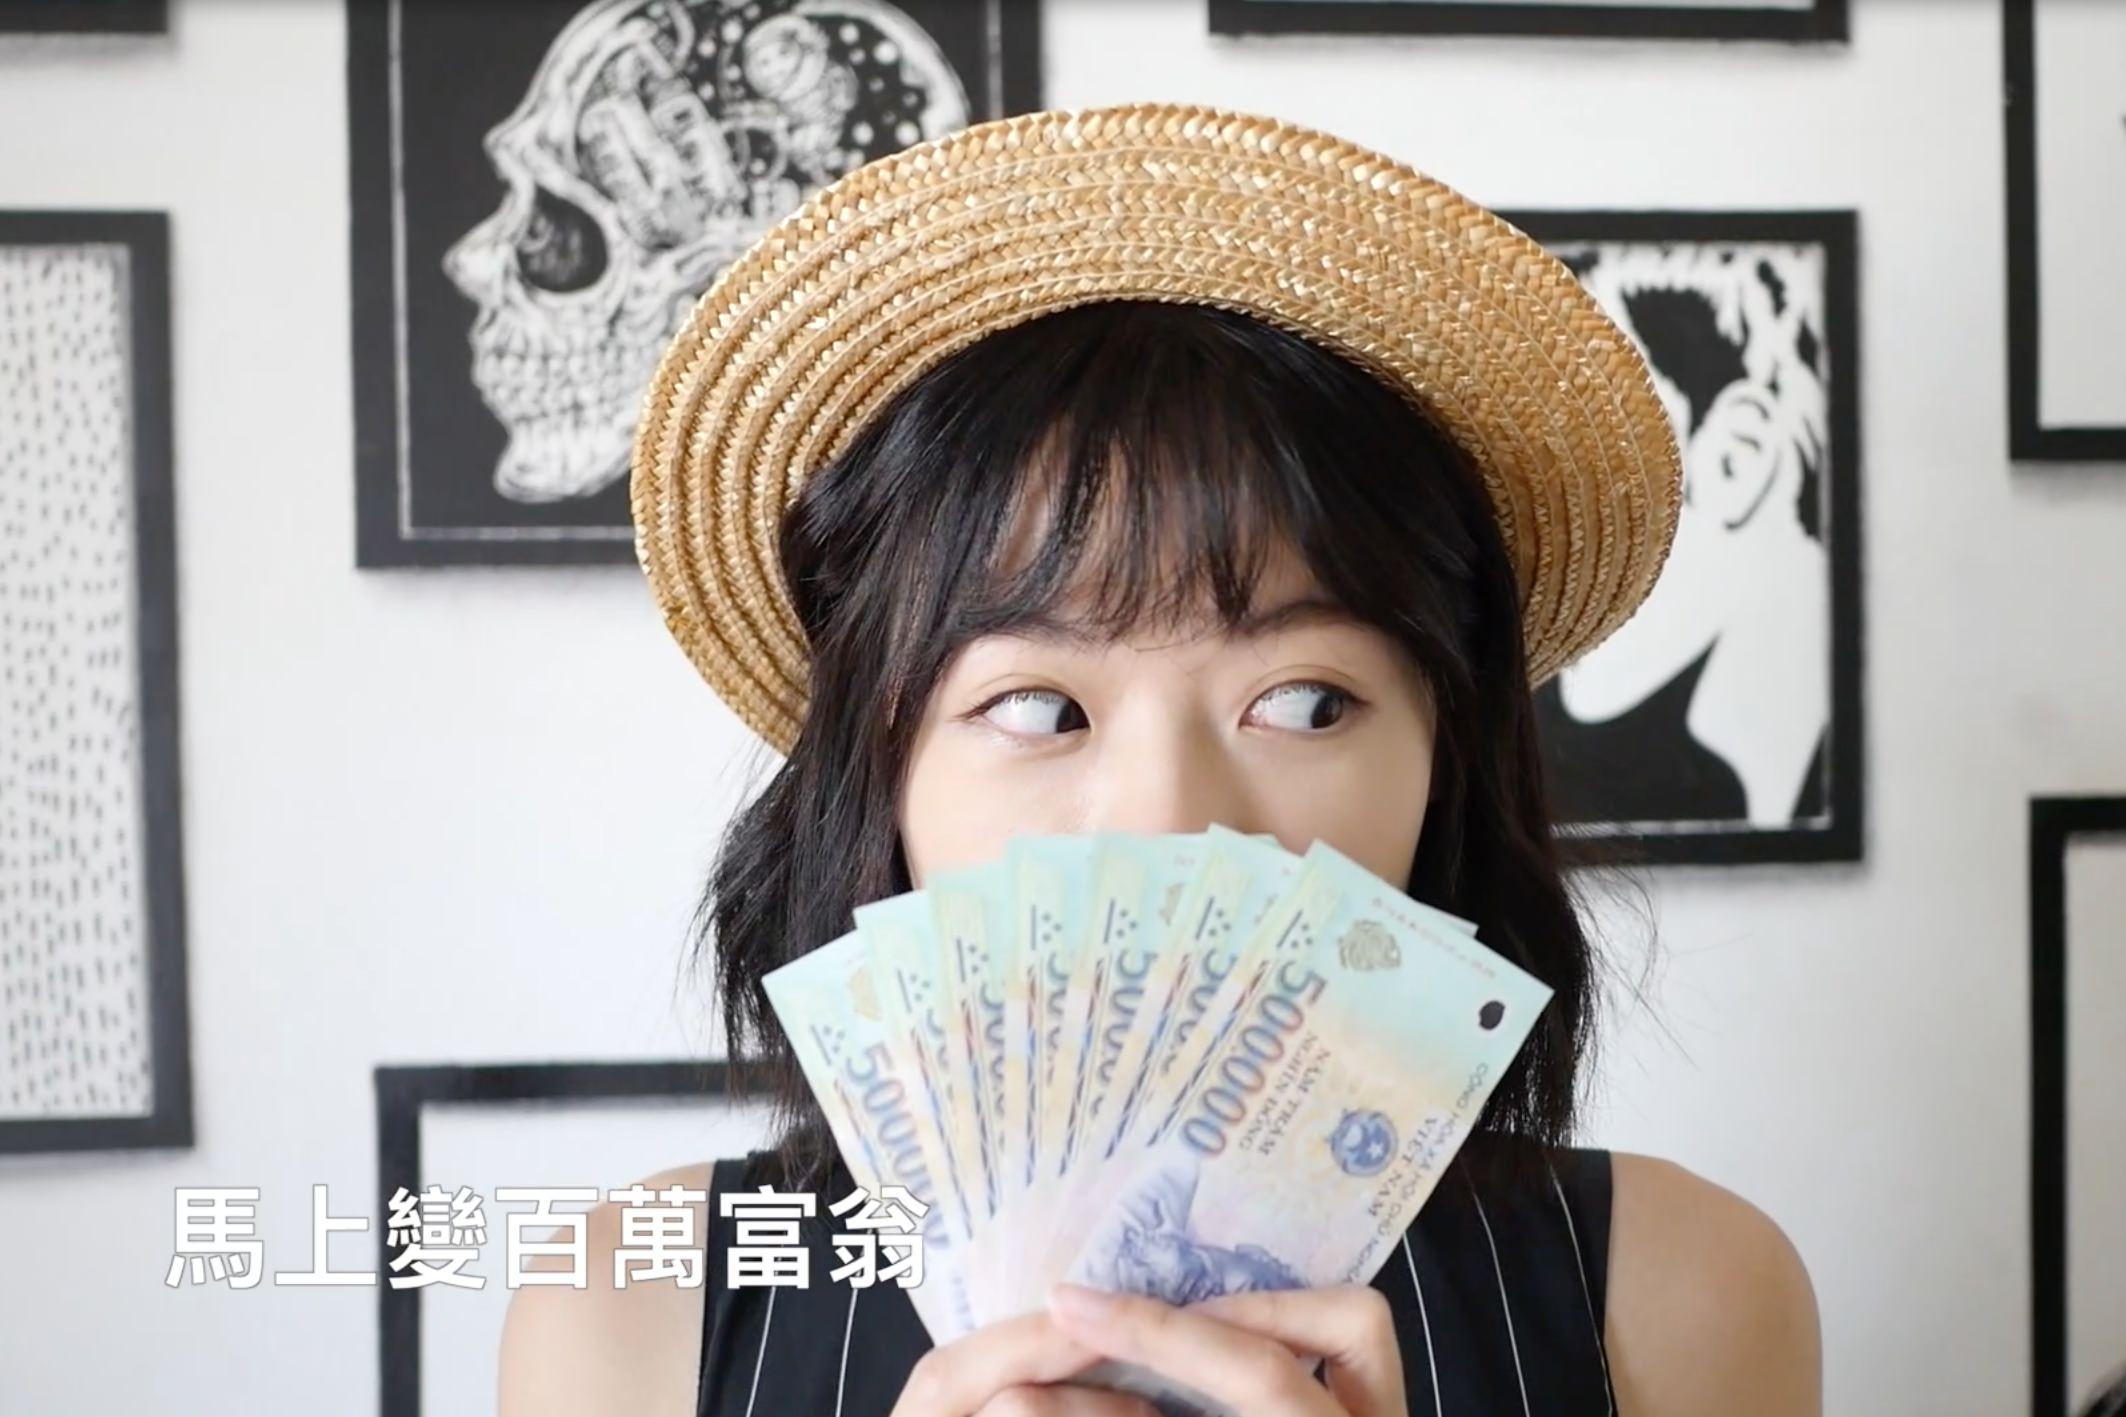 越南胡志明市自由行攻略 行程、機票、交通、住宿、行前準備